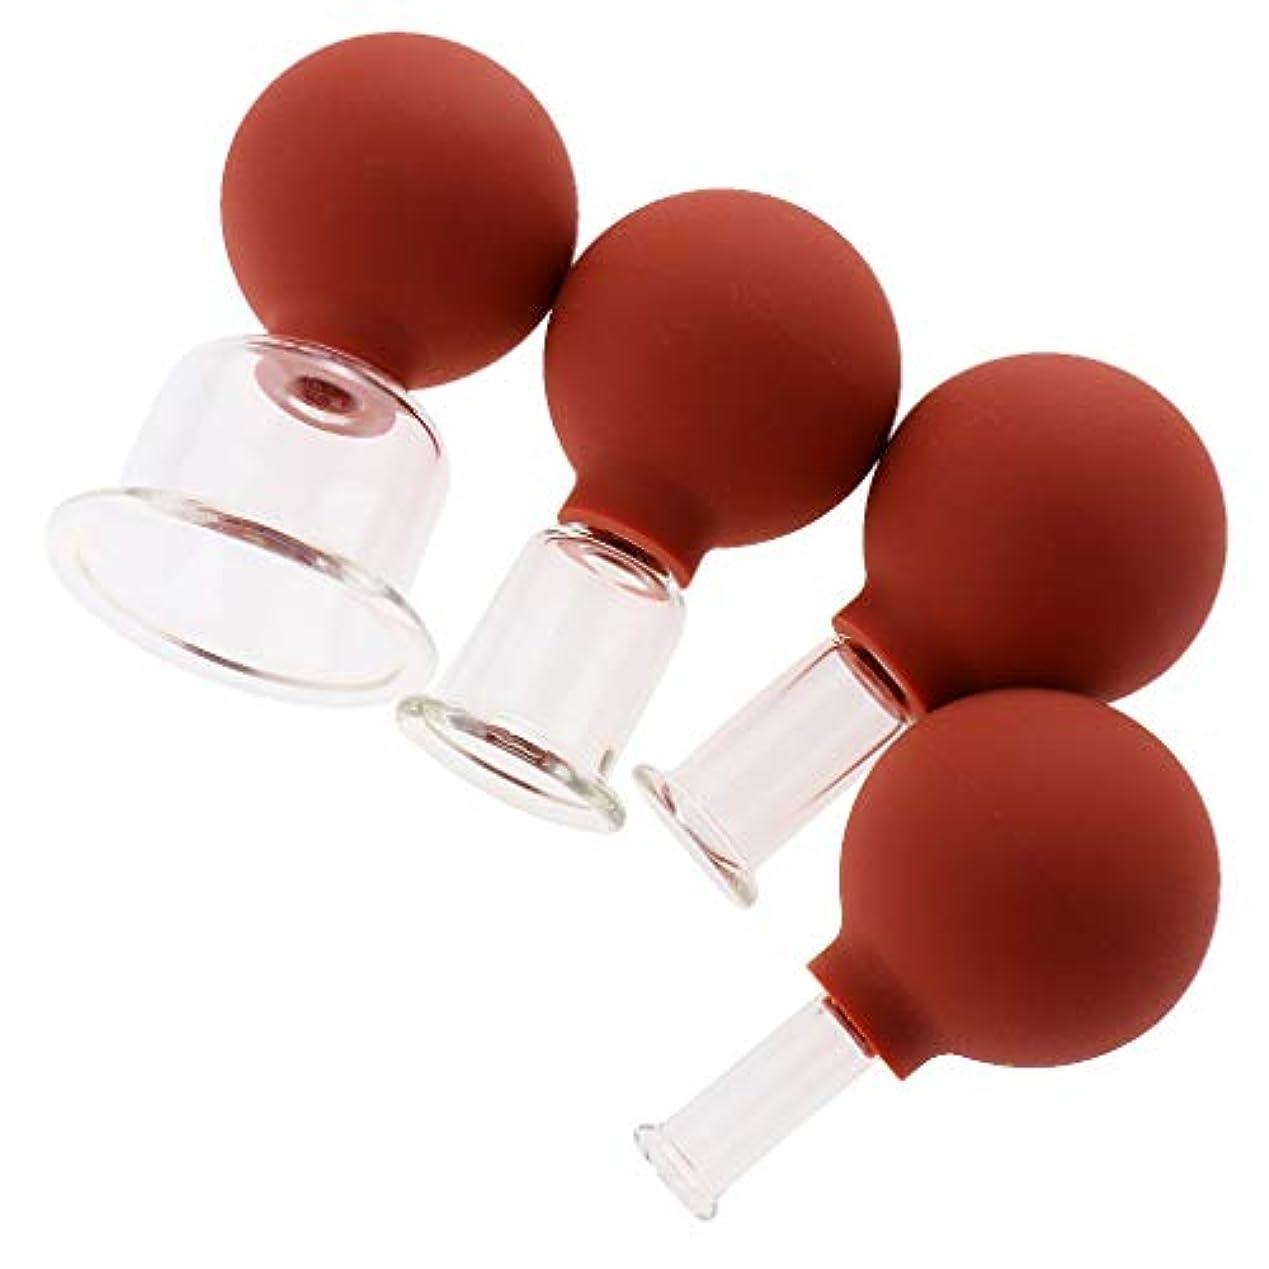 ナチュラル見通し属するCUTICATE 全3色 マッサージカップ ガラスカッピング 吸い玉 マッサージ カッピングセット 4個入 - 赤茶色